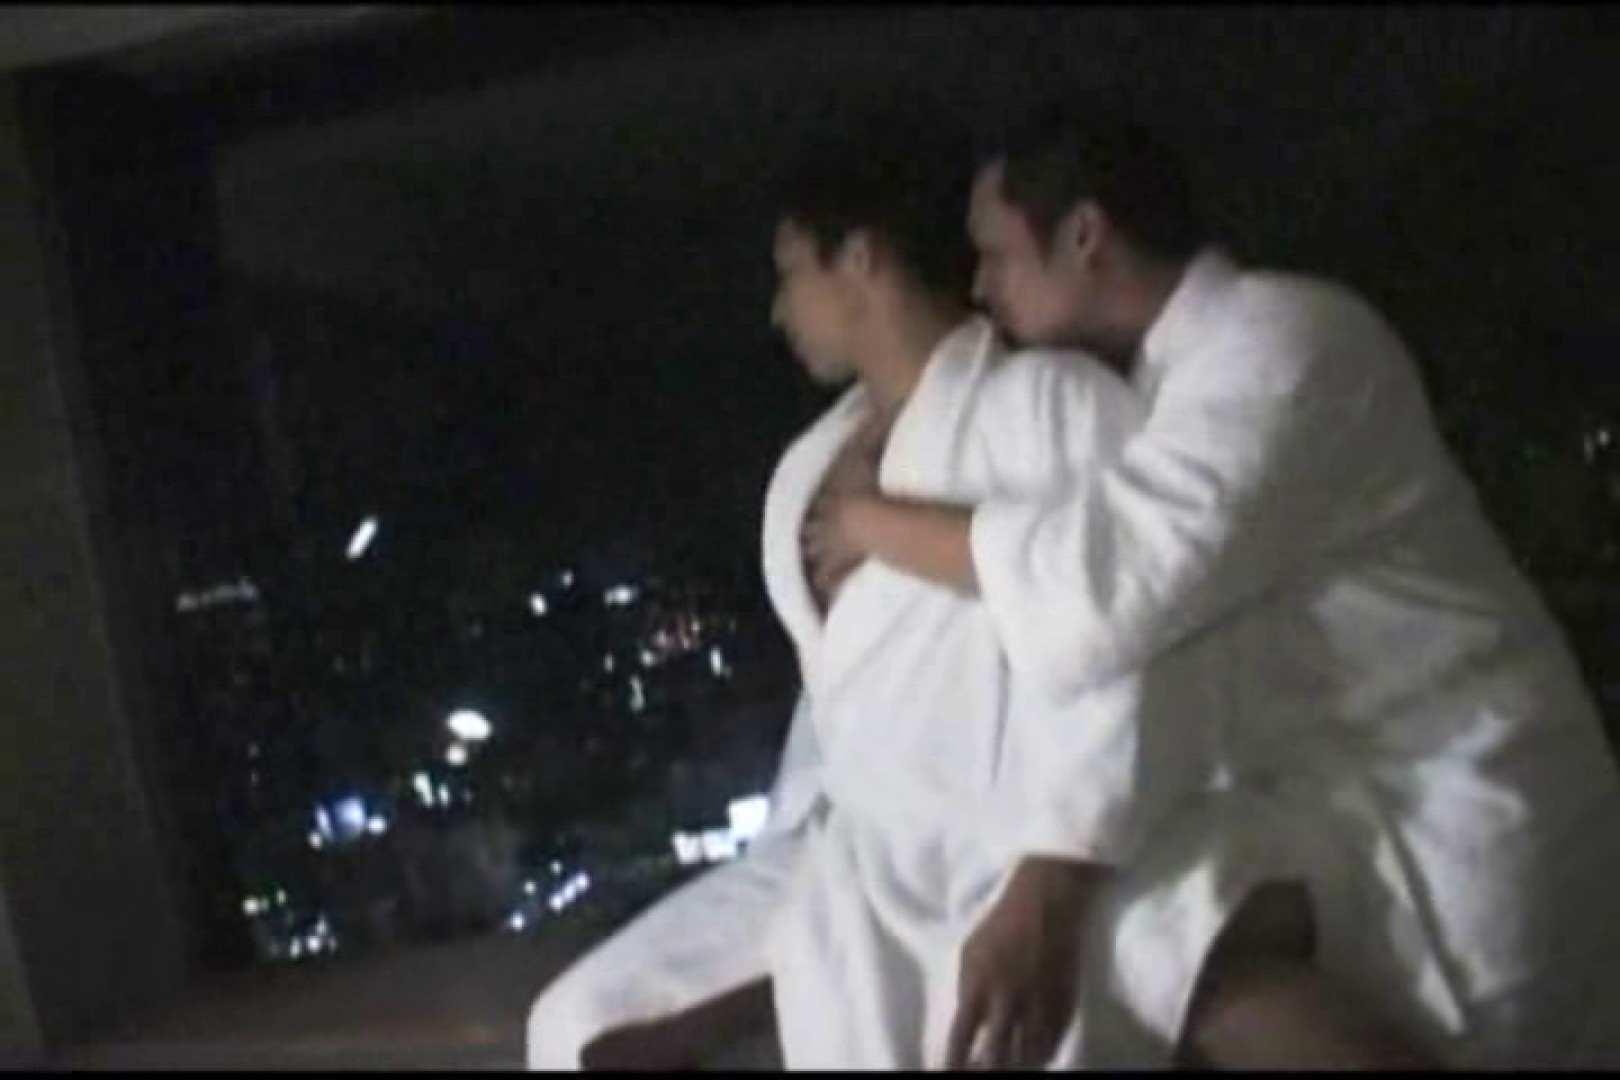 ホテルで密会!!夜景をバックに濃密ファック!! 手淫 | フェラ AV動画 97枚 2